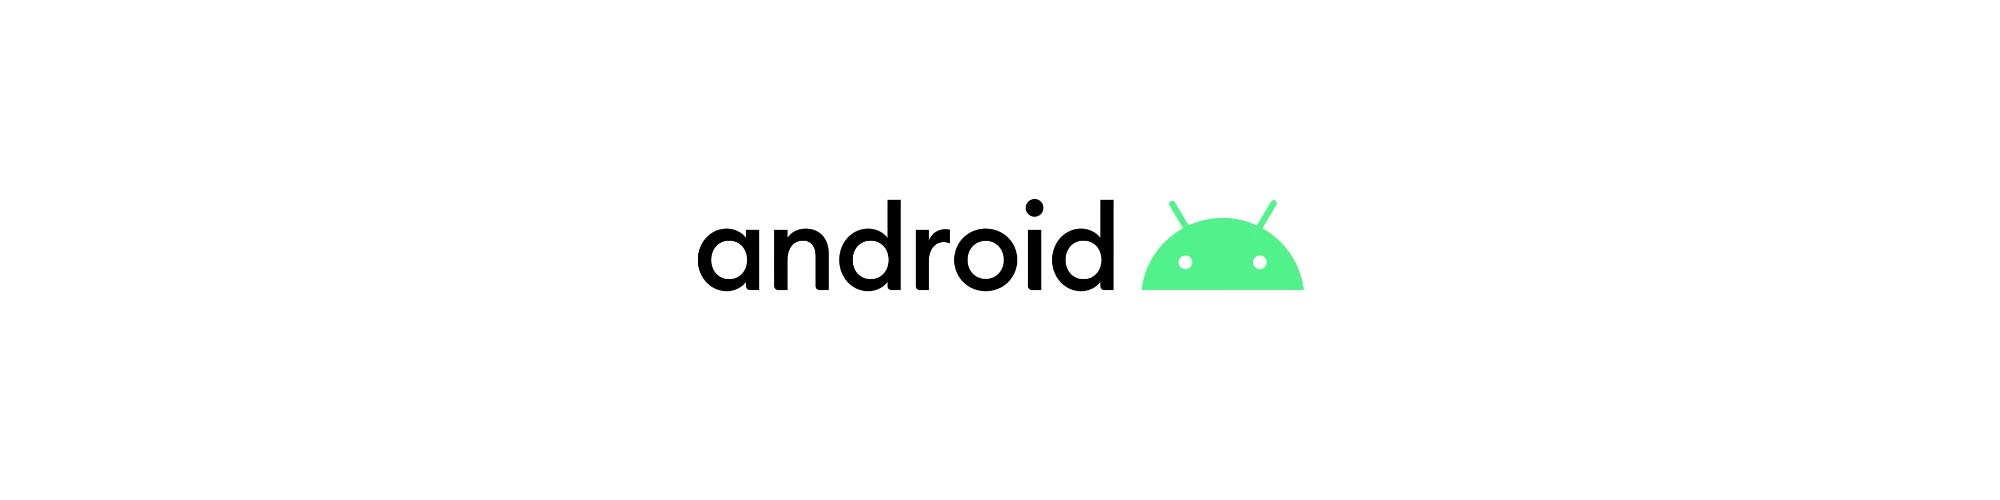 Δυνατότητα κοινής χρήσης αρχείων σε στυλ AirDrop από το Android ενδέχεται να είναι διαθέσιμη για περισσότερες συσκευές